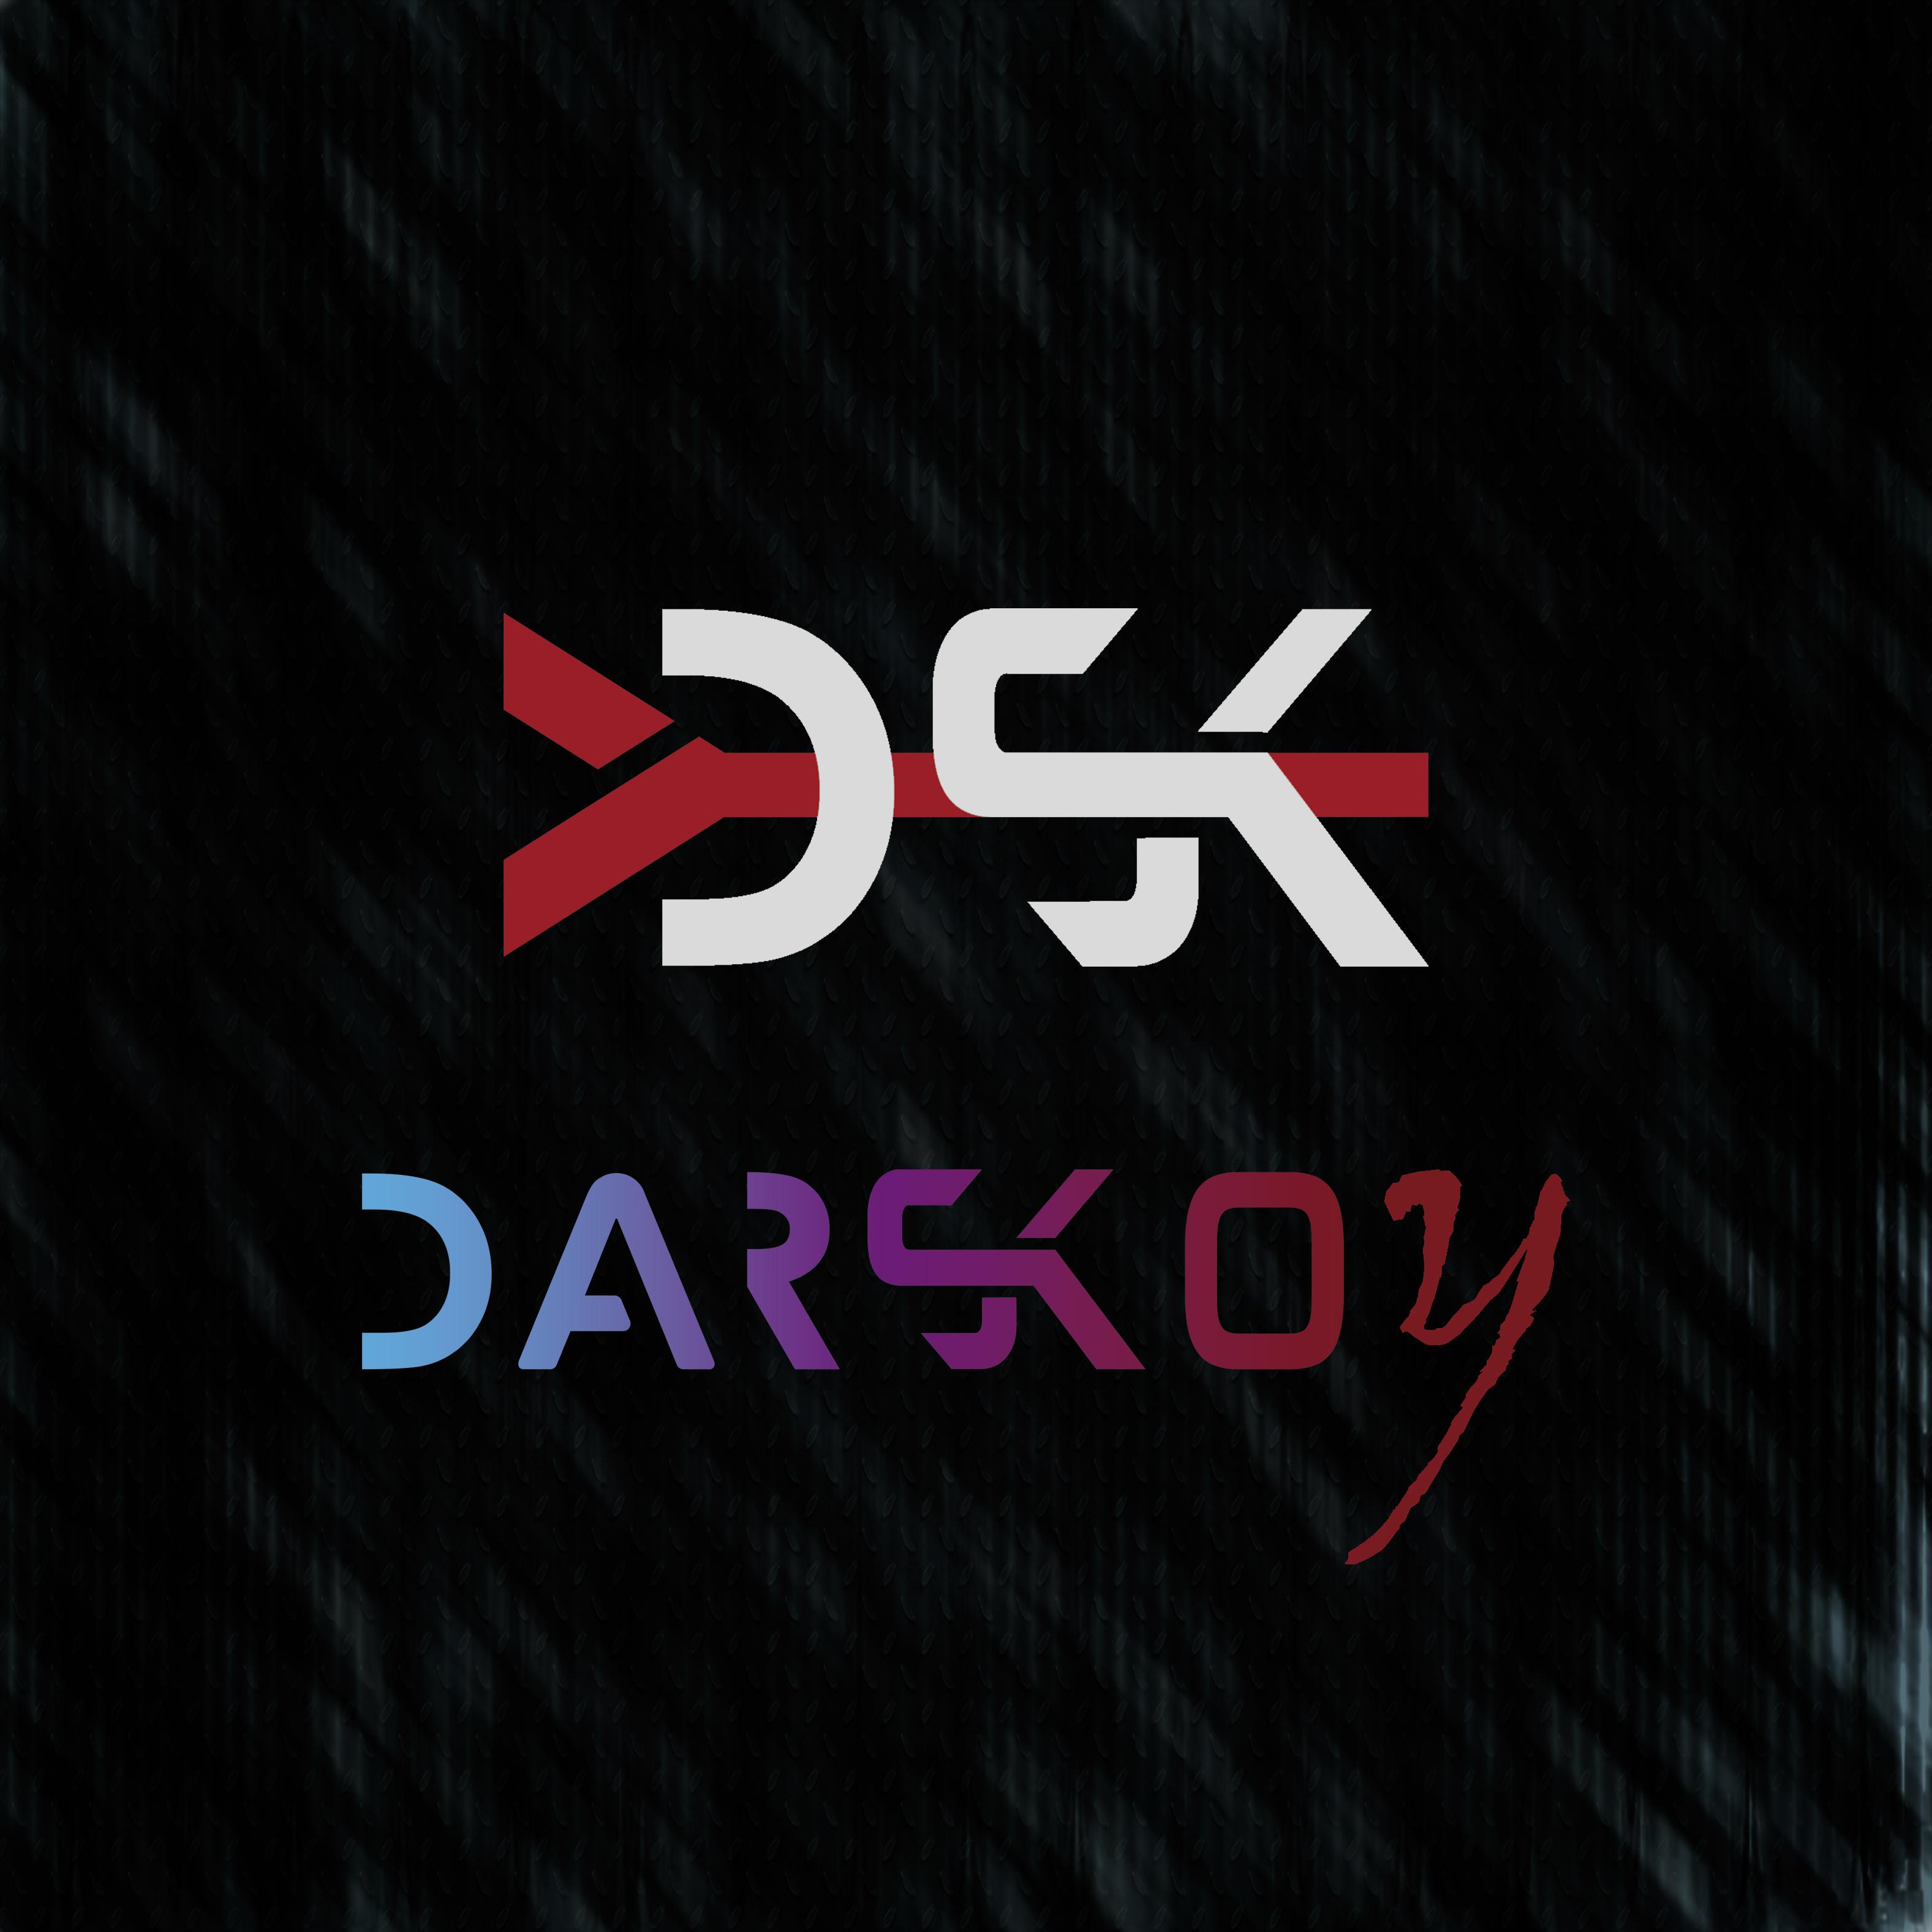 Нарисовать логотип для сольного музыкального проекта фото f_9025ba77fd9eee8d.jpg